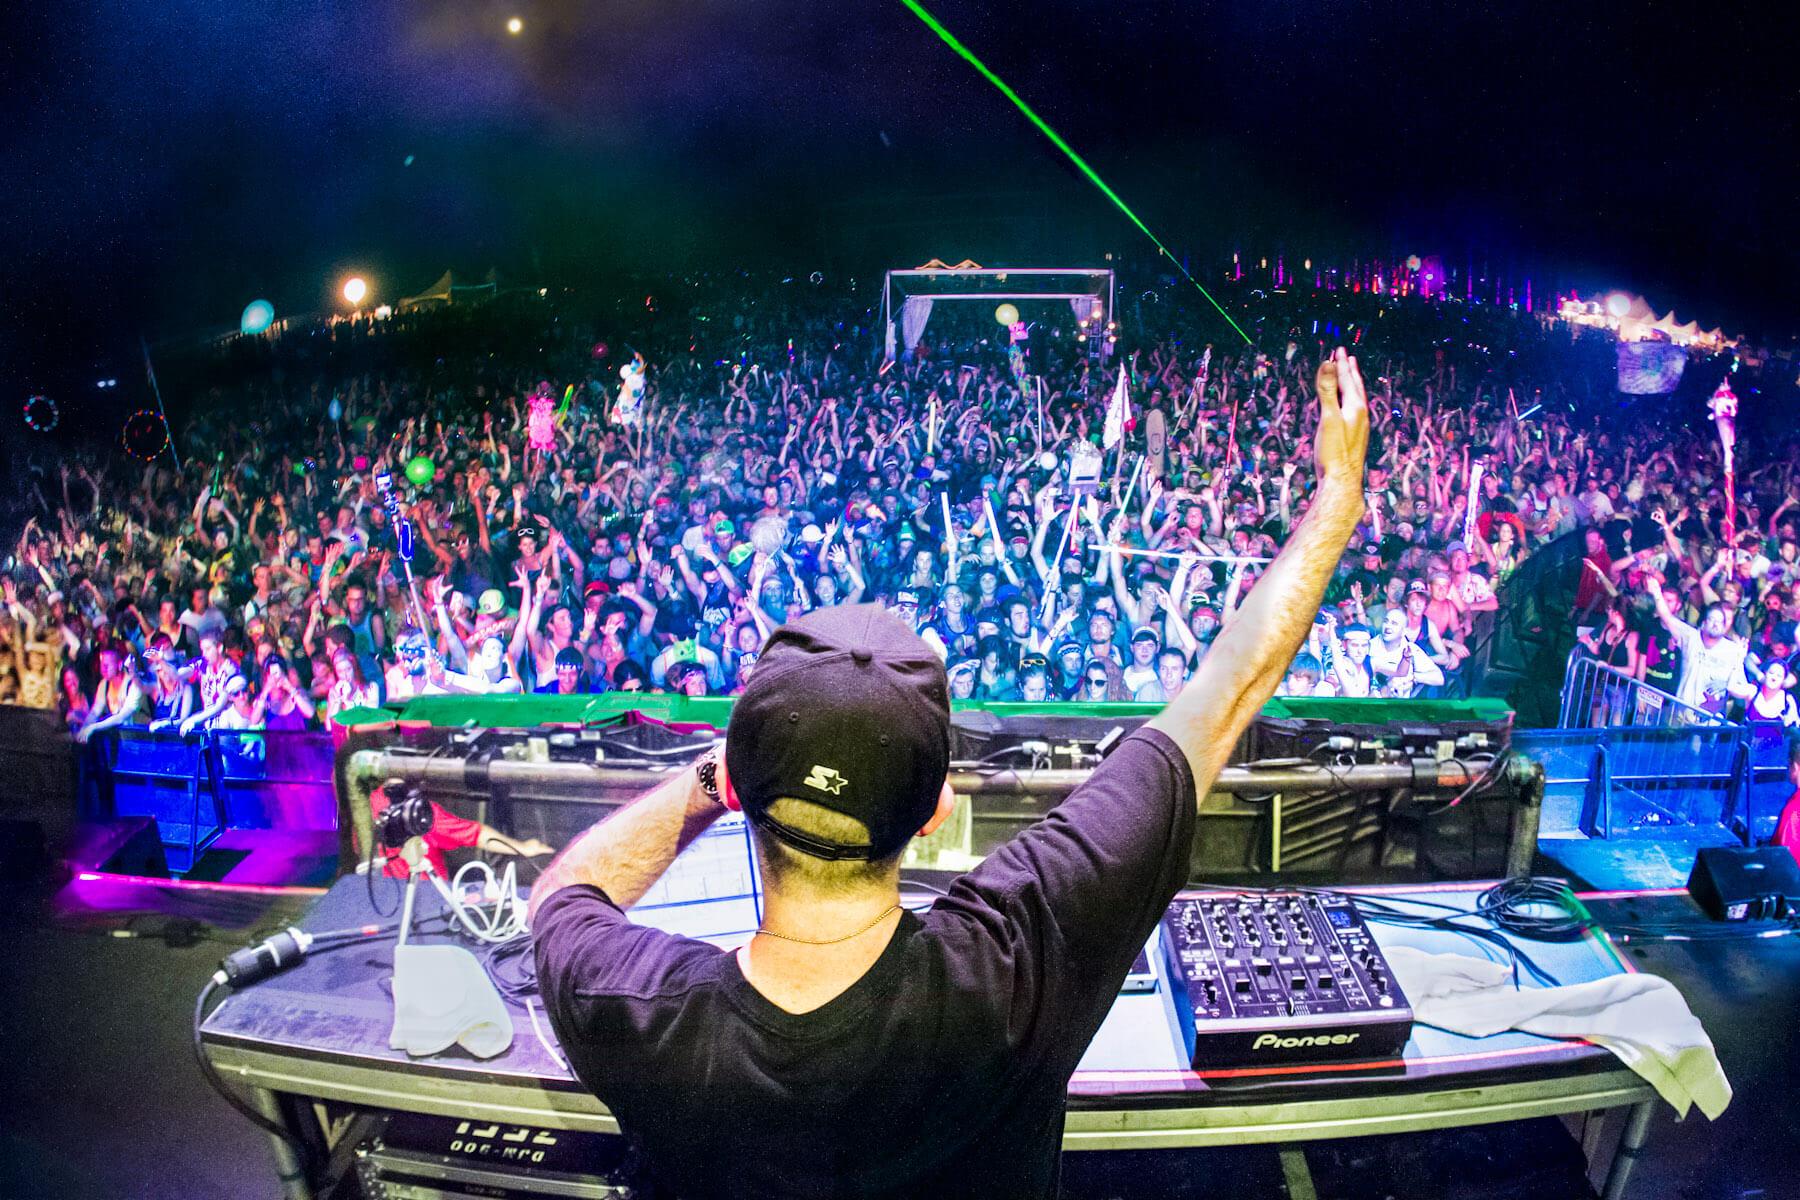 Un verdadero DJ de música electrónica transmite sensaciones y sentimientos. Diplo mostrandonos cómo se hace.